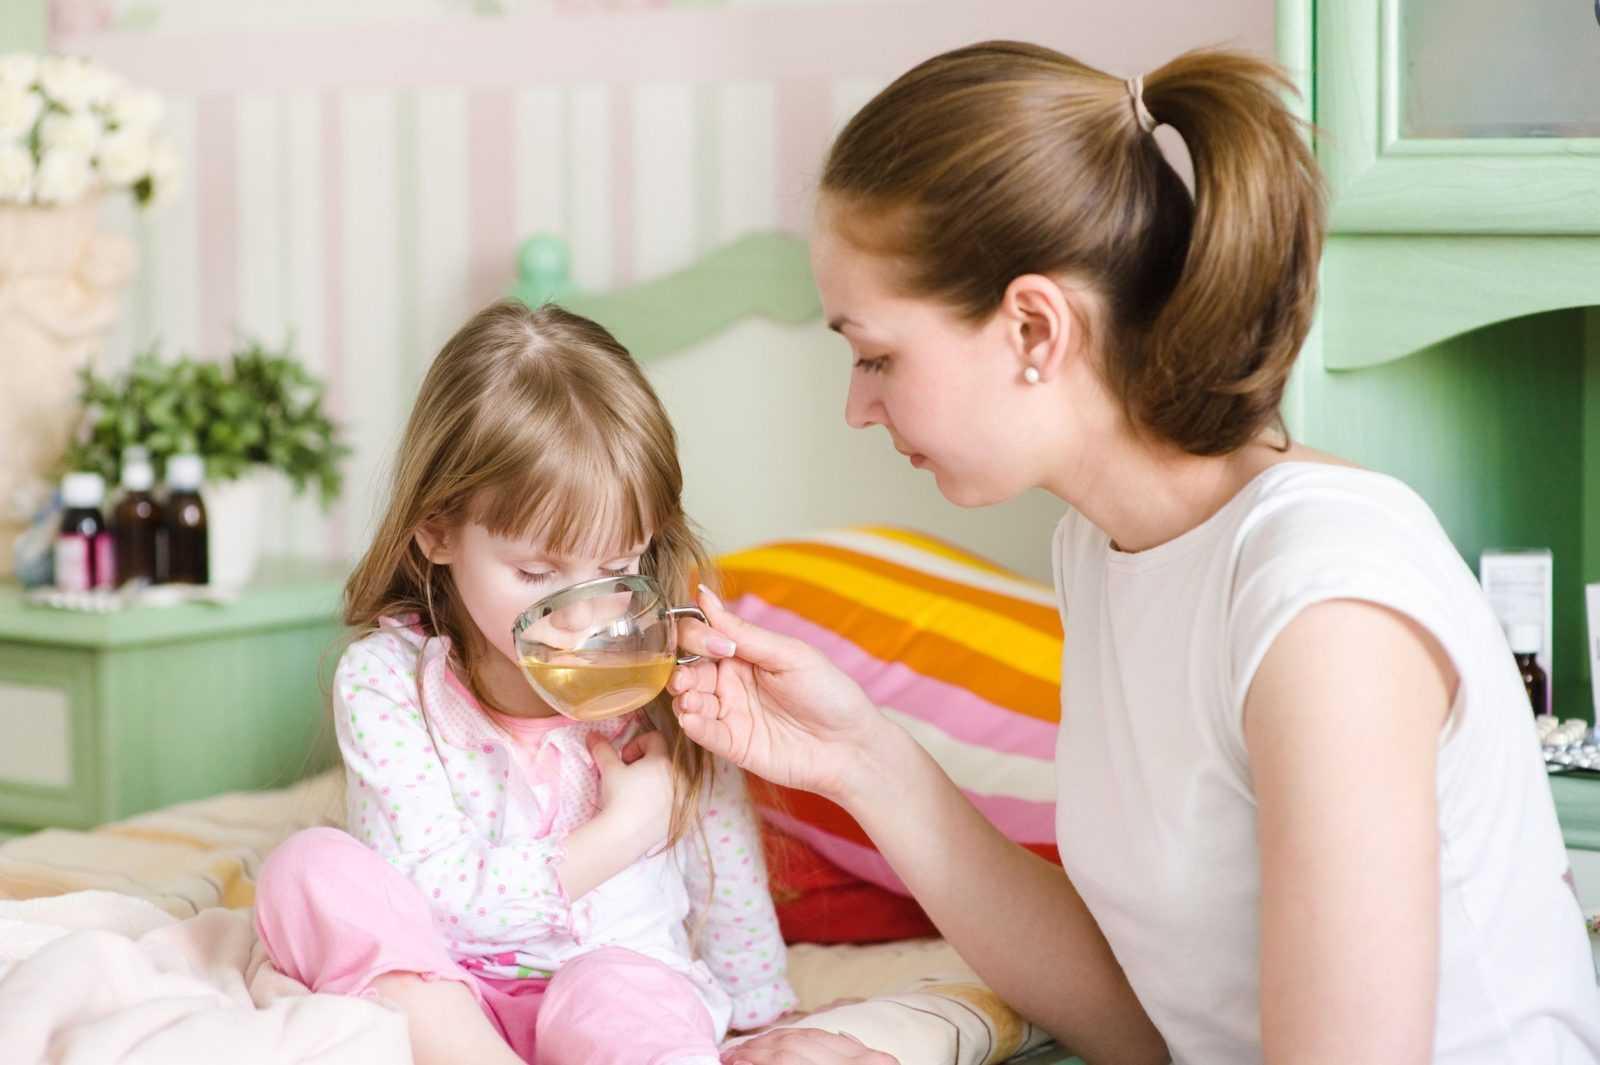 Отравление грибами опасно для жизни и здоровья маленького ребенка